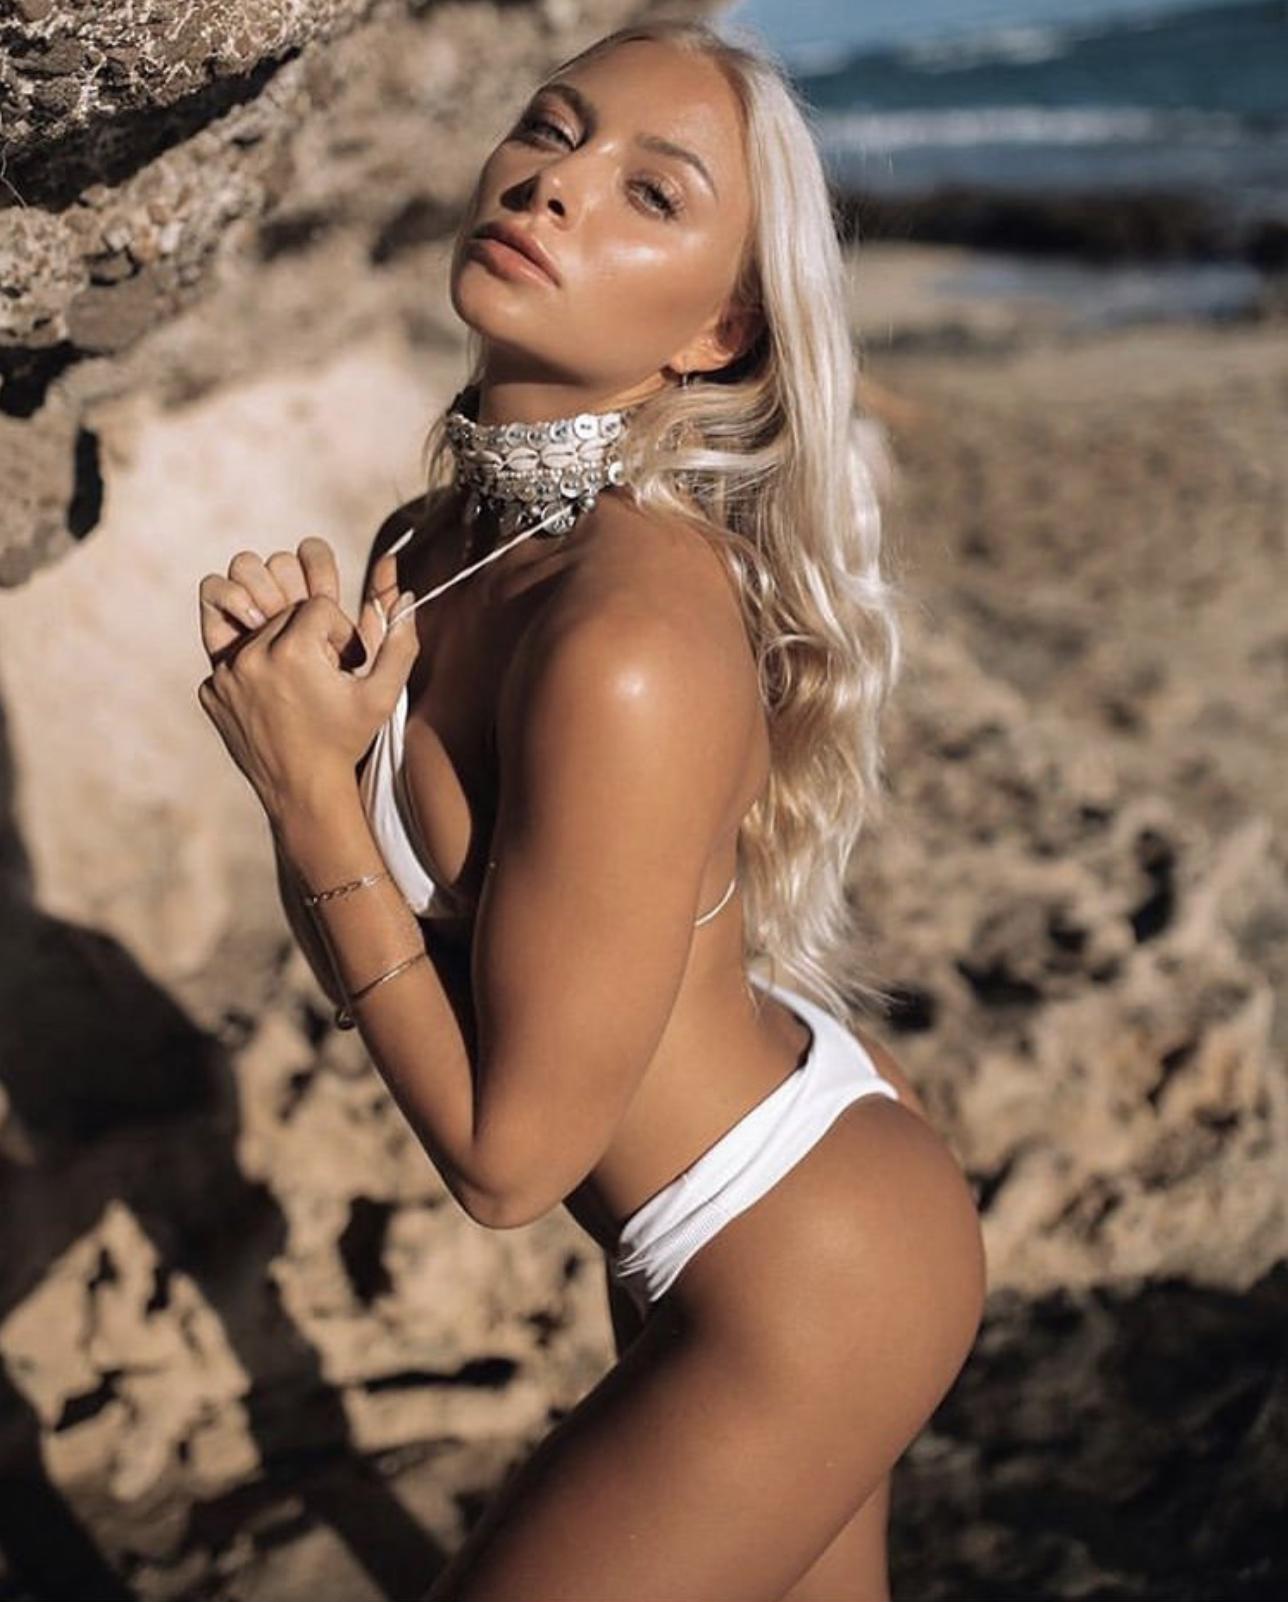 Дженни Мелия